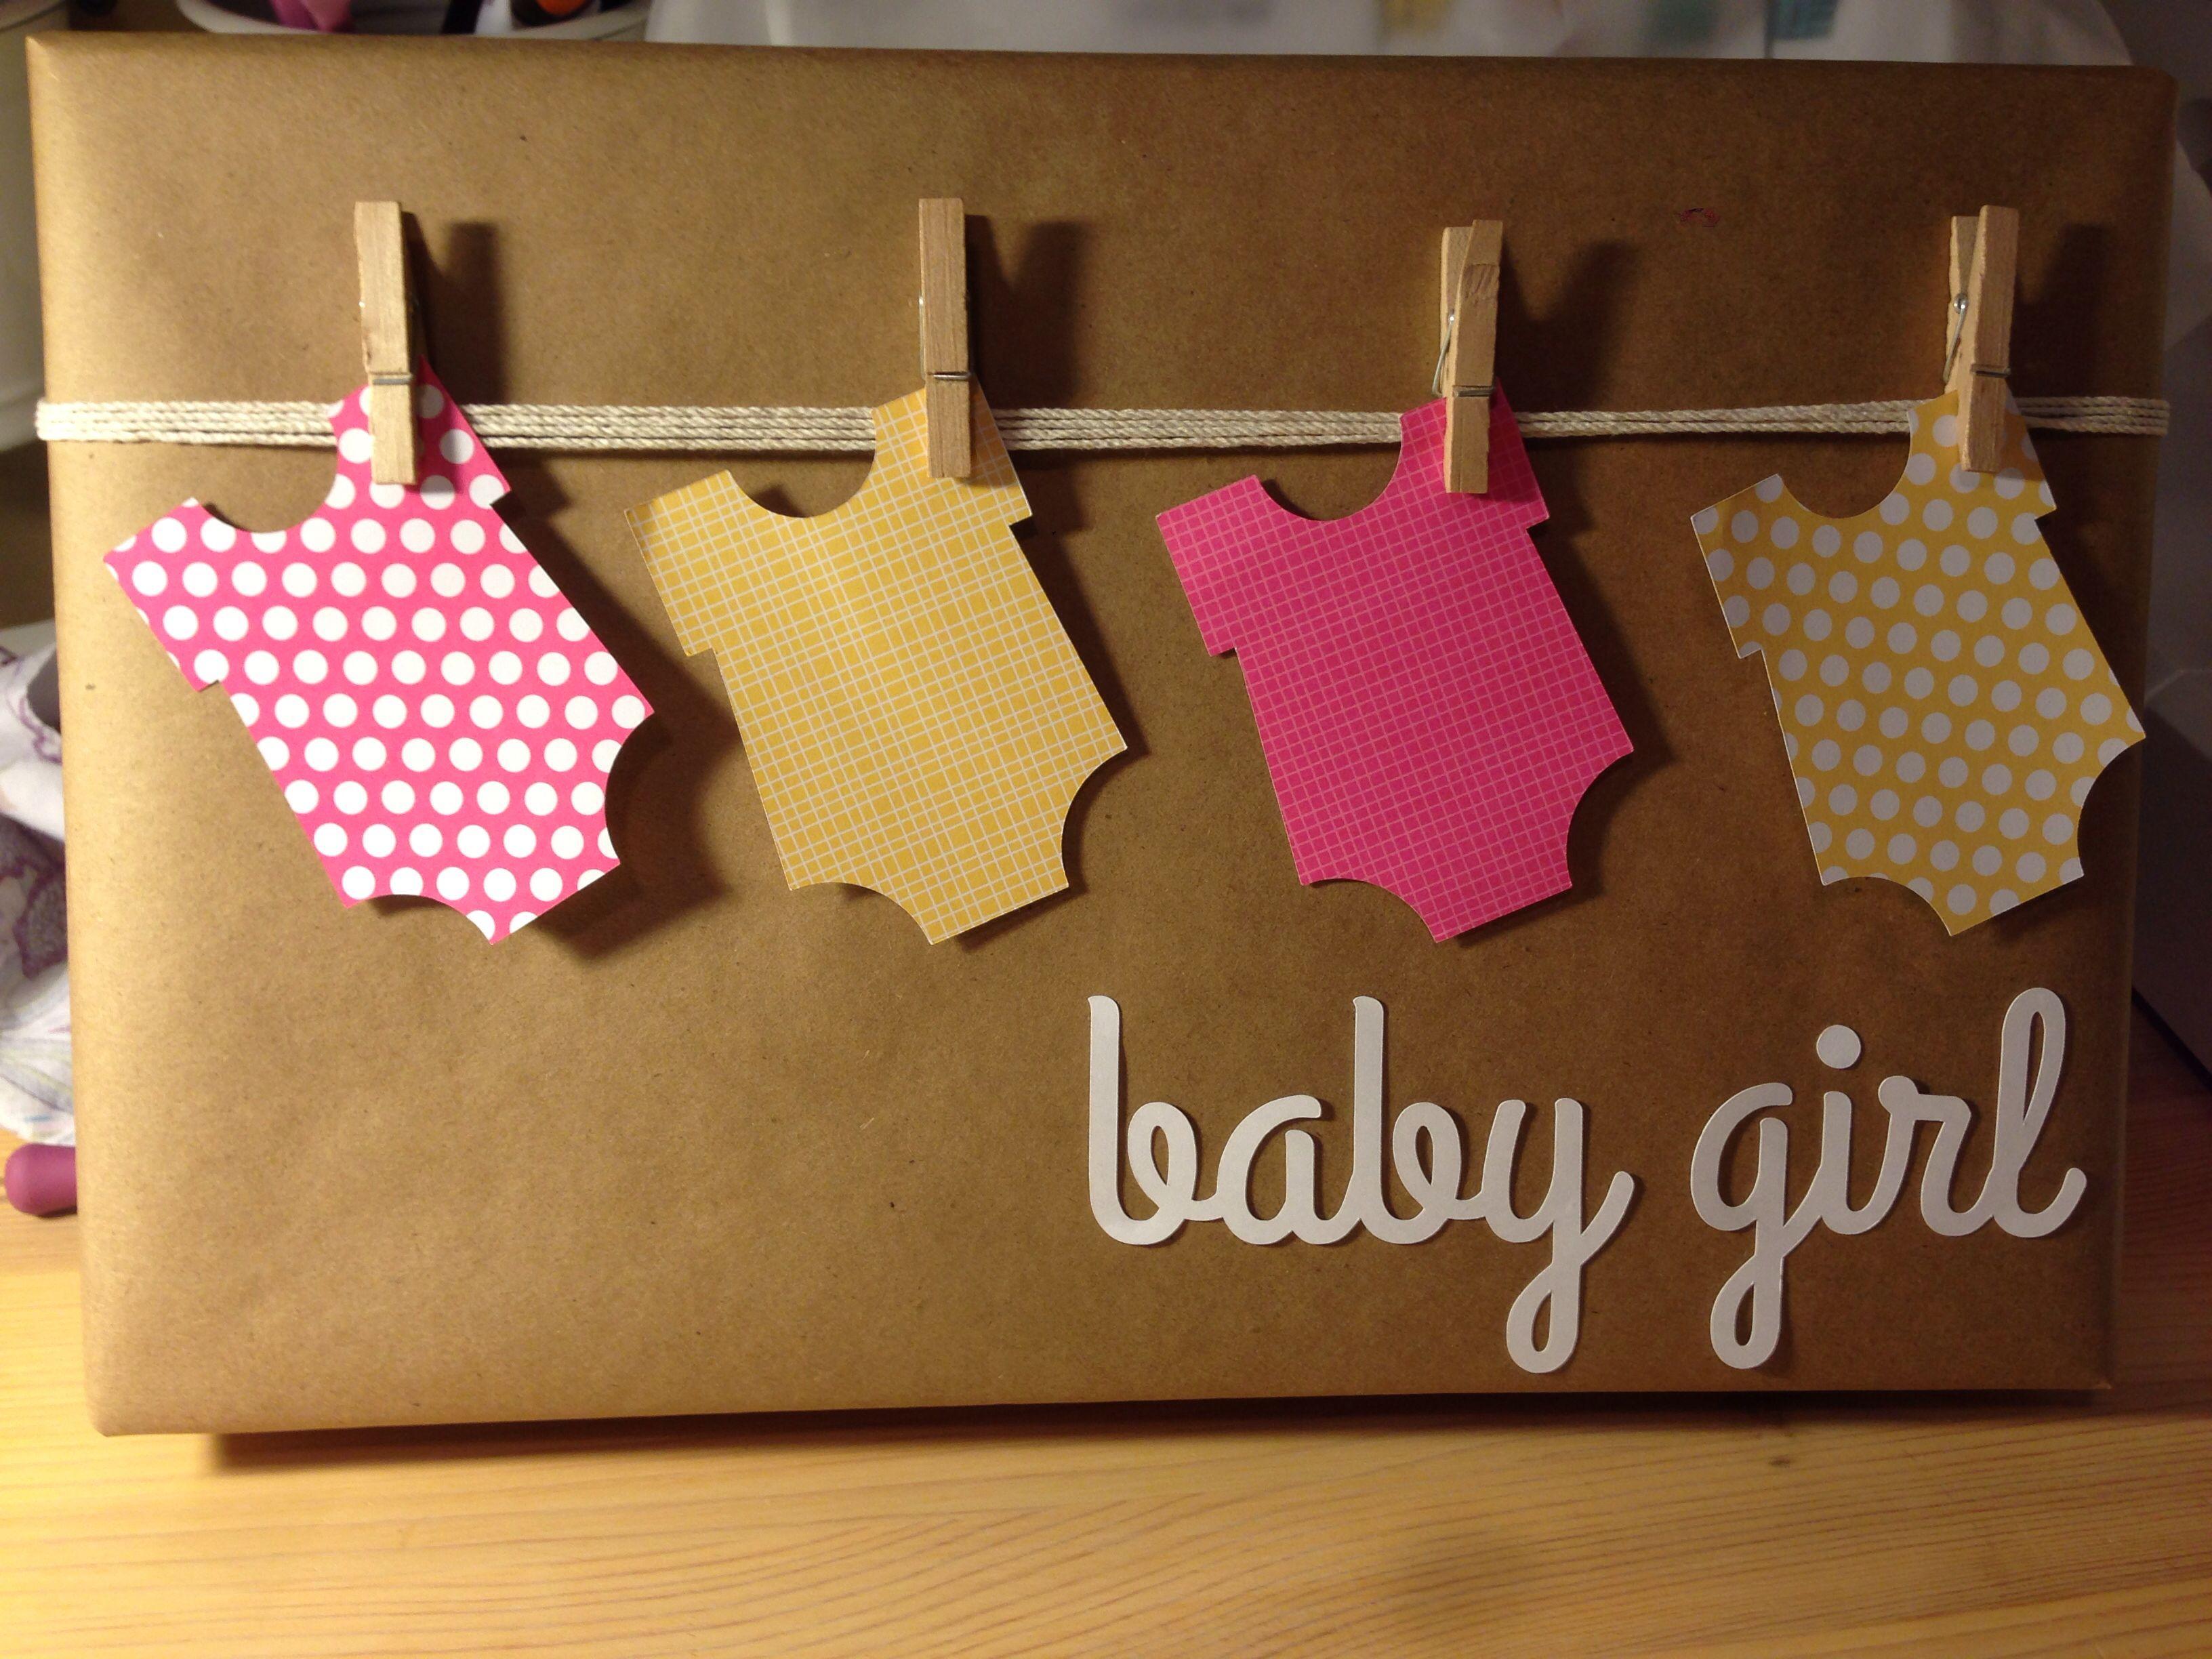 Gift Wrap For Baby Shower Silhouettecameo Babygirl Verpakken